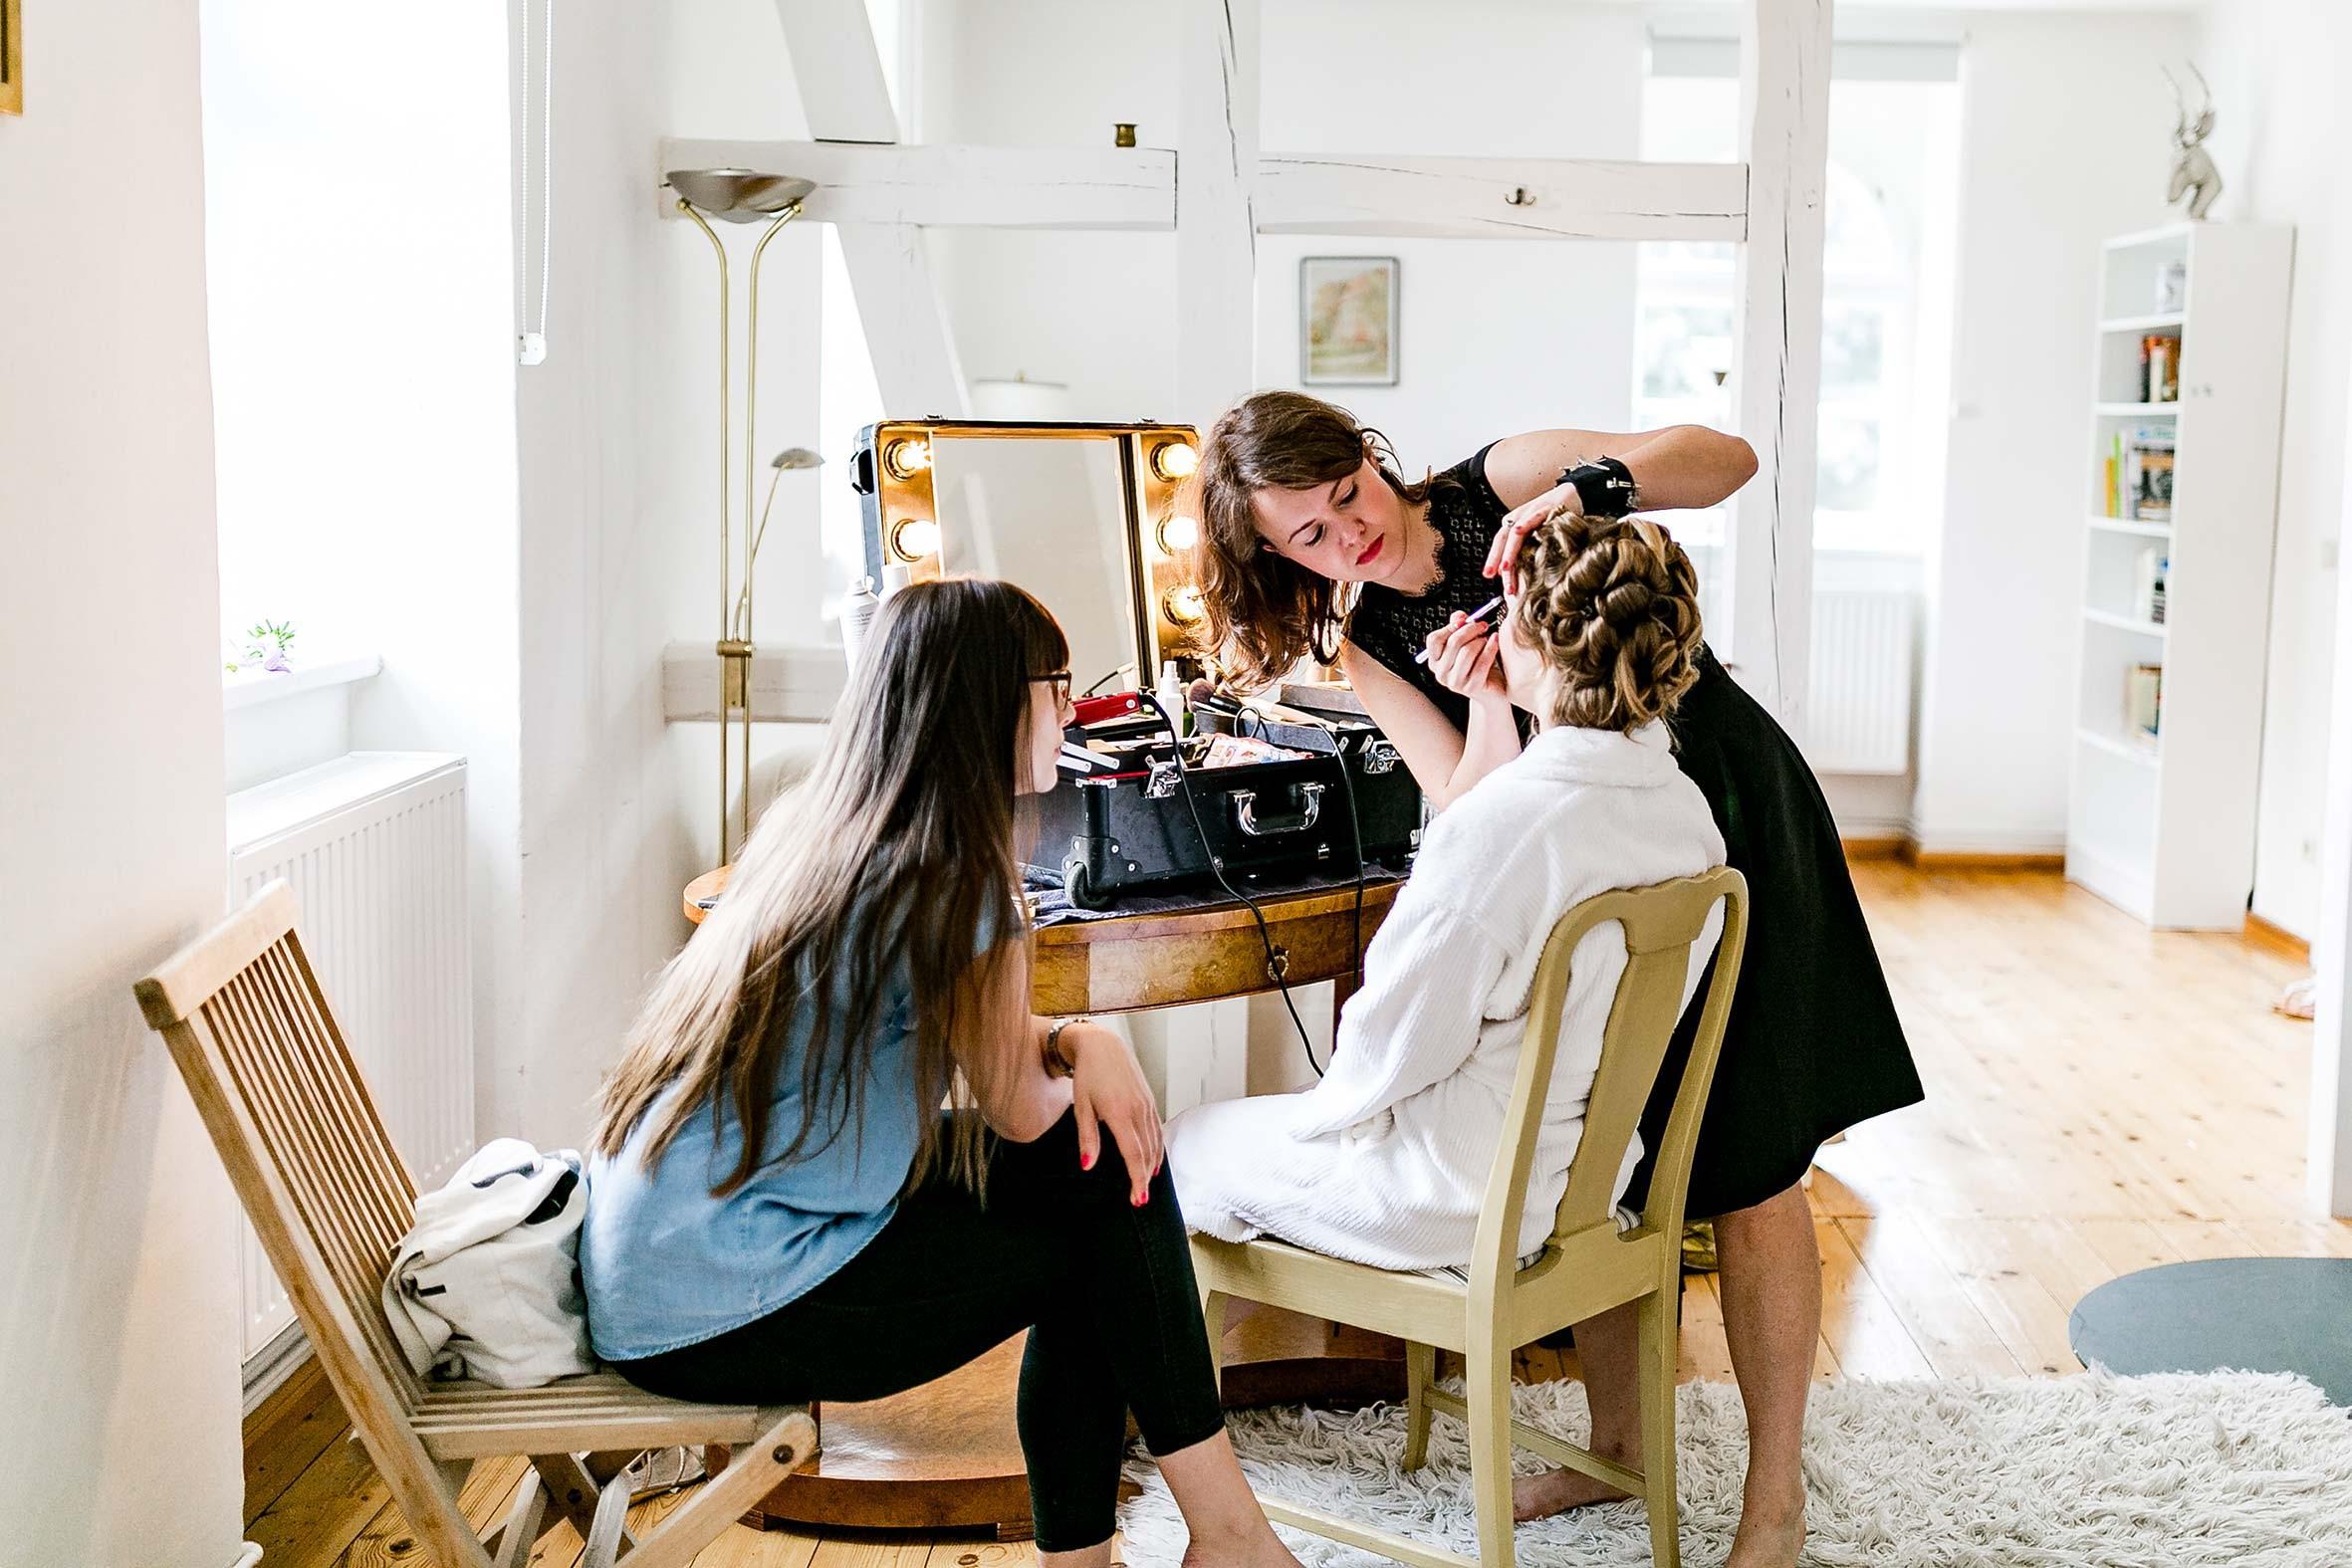 deine püppikram stylistin betreut dich am tag der hochzeit mit braut make-up und brautfrisur